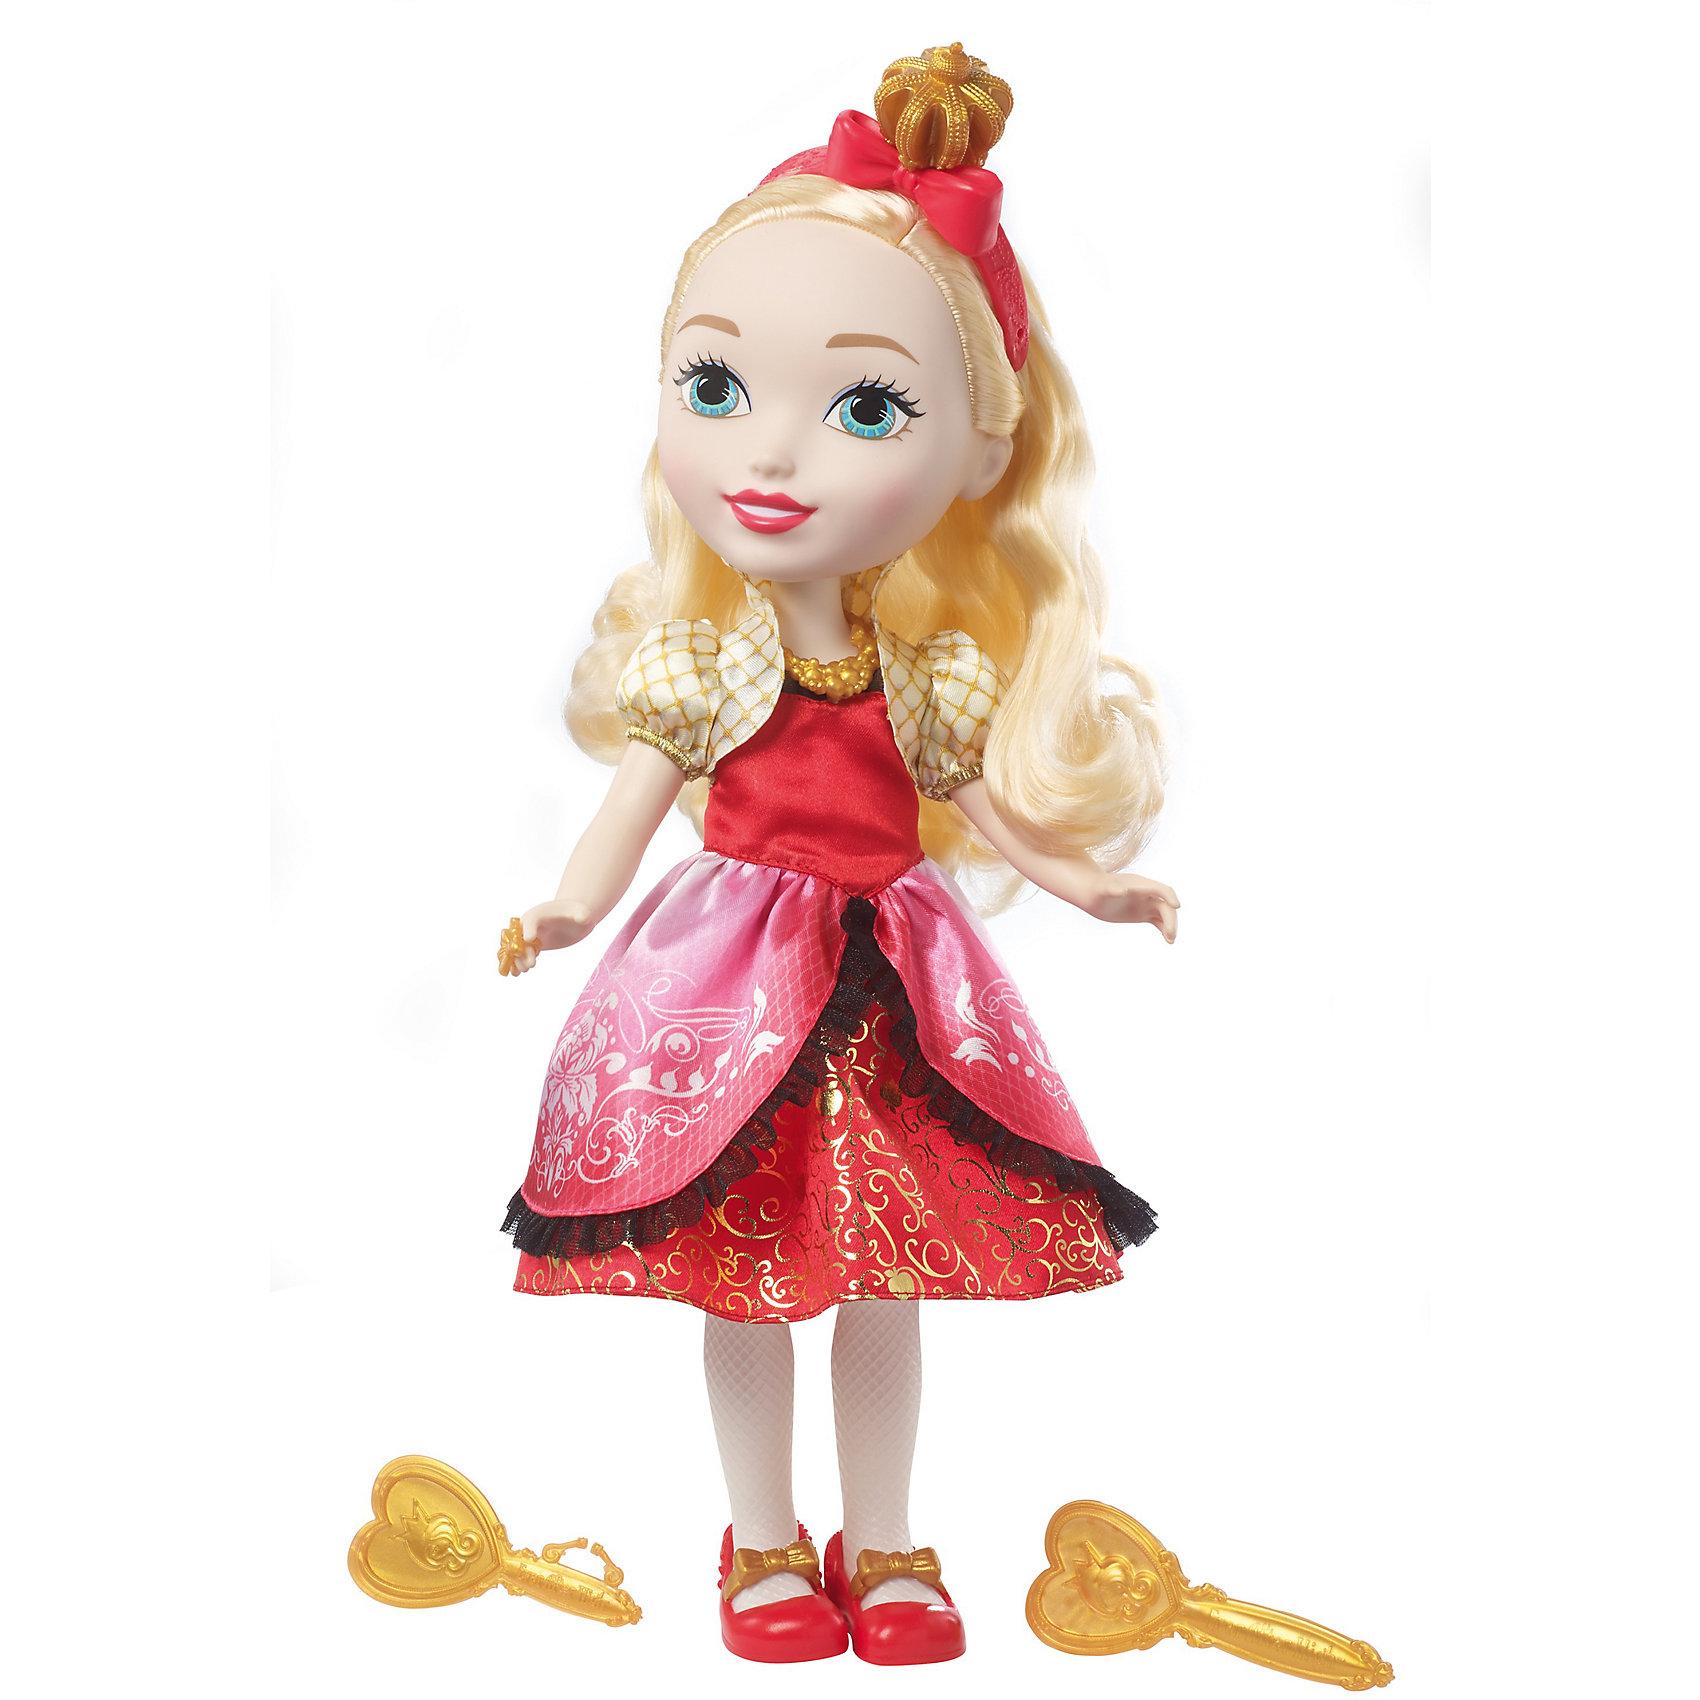 Большая  кукла принцесса Эппл Уайт, Ever After HighКуклы-модели<br>Характеристики товара:<br><br>• возраст от 6 лет;<br>• материал: пластик, текстиль;<br>• в комплекте: кукла, аксессуары;<br>• высота куклы 38 см;<br>• размер упаковки 38х20,5х11 см;<br>• вес упаковки 734 гр.;<br>• страна производитель: Индонезия.<br><br>Большая кукла принцесса Эппл Уайт Ever After High — героиня известного мультсериала. Эппл Уайт — дочка Белоснежки, она одета в красное платье и туфельки, а голову украшает ободок с бантиком. У Эппл вьющиеся светлые волосы, которые можно расчесывать, заплетать и украшать. В наборе зеркальце и расческа для маленькой принцессы. <br><br>Большую куклу принцессу Эппл Уайт Ever After High можно приобрести в нашем интернет-магазине.<br><br>Ширина мм: 205<br>Глубина мм: 110<br>Высота мм: 380<br>Вес г: 734<br>Возраст от месяцев: 36<br>Возраст до месяцев: 120<br>Пол: Женский<br>Возраст: Детский<br>SKU: 6673370